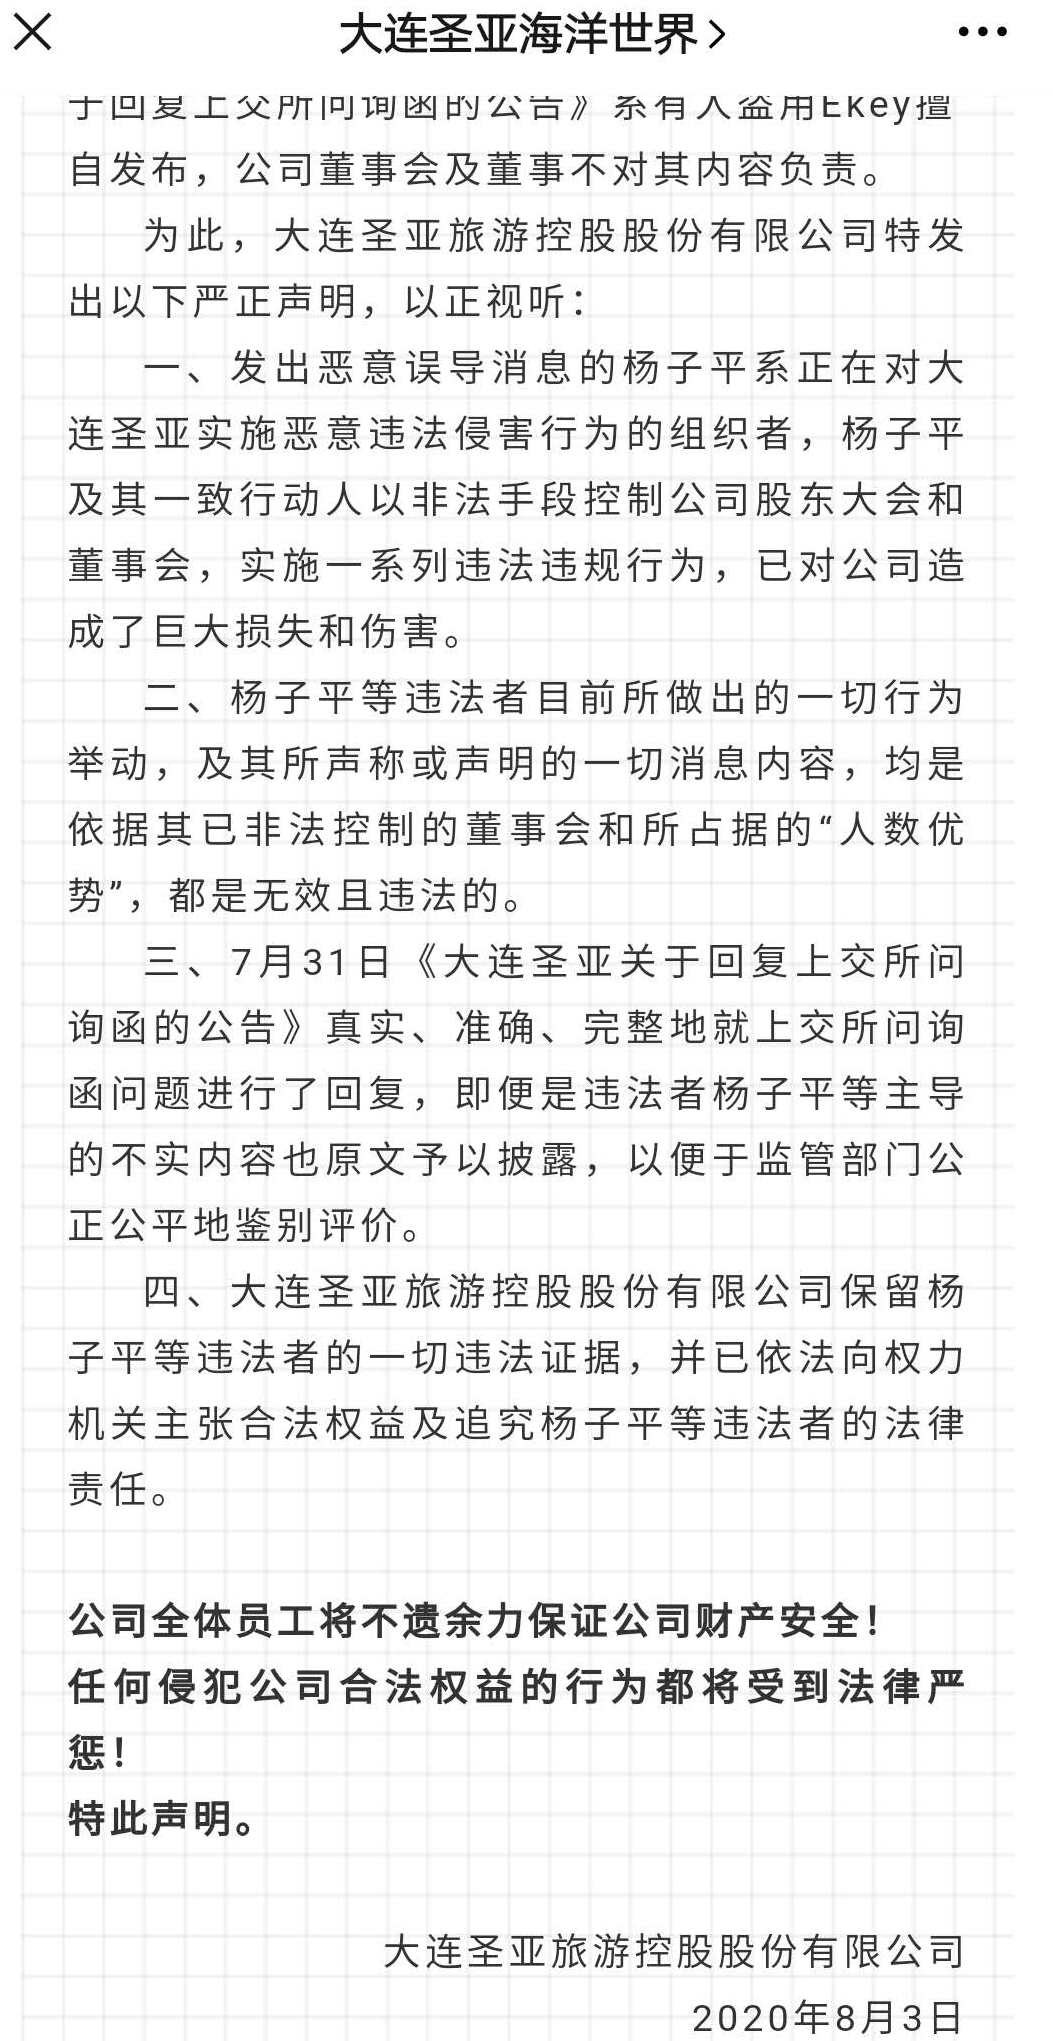 """大连圣亚:已真实完整回复上交所问询函,杨子平言论""""恶意误导""""图片"""